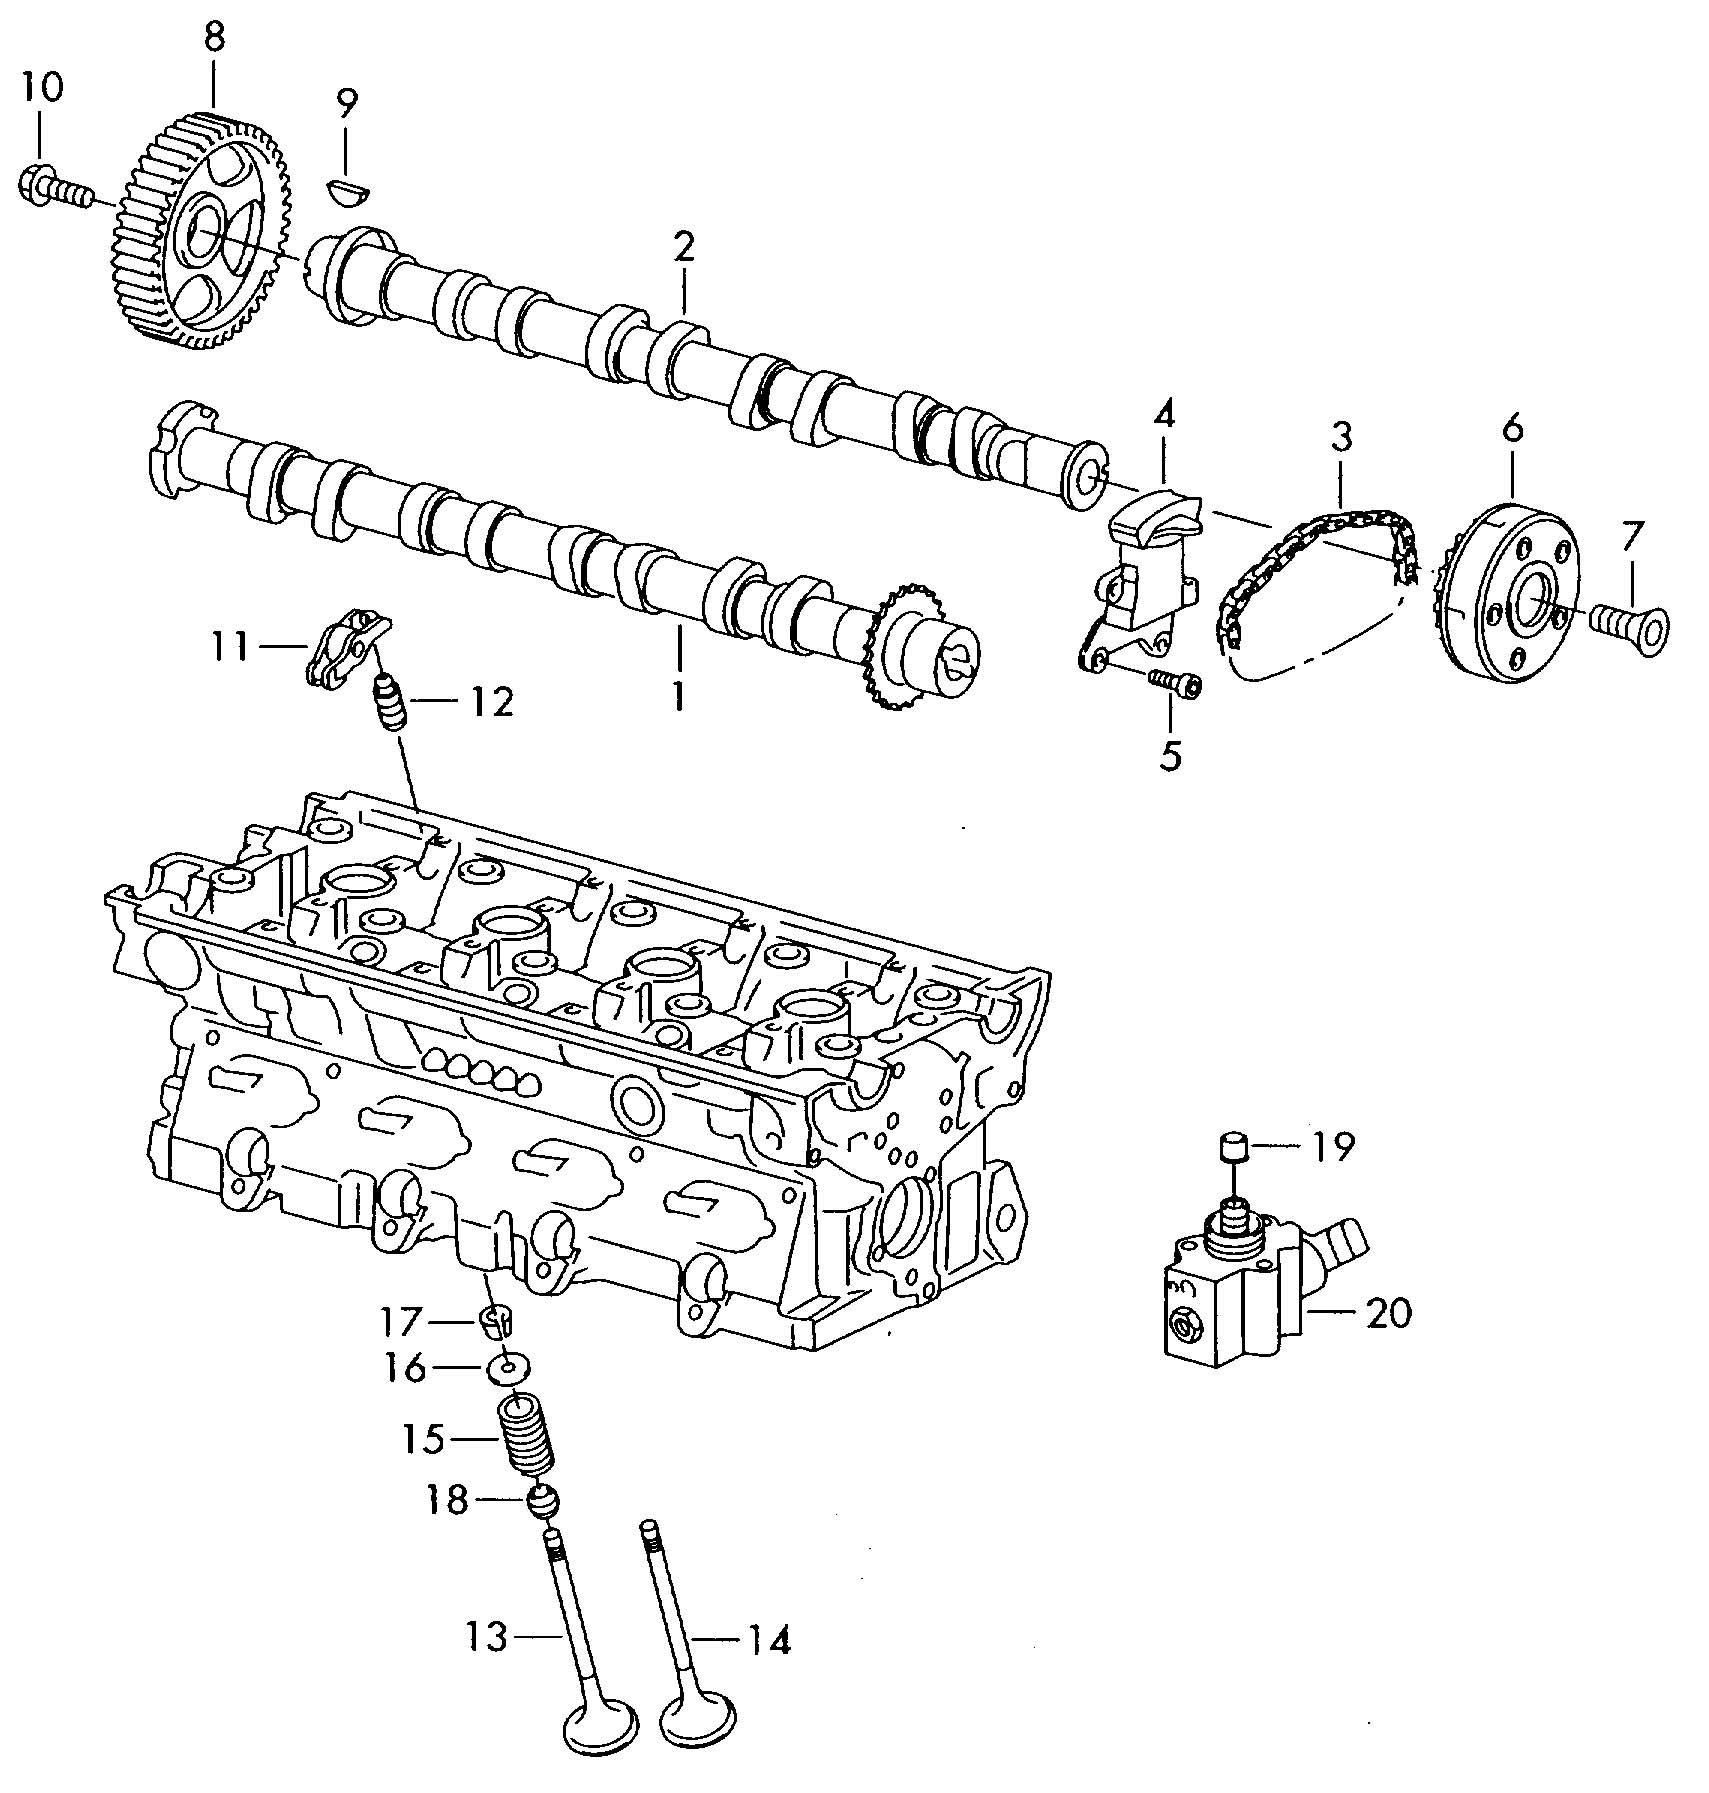 2012 Volkswagen Timing Chain